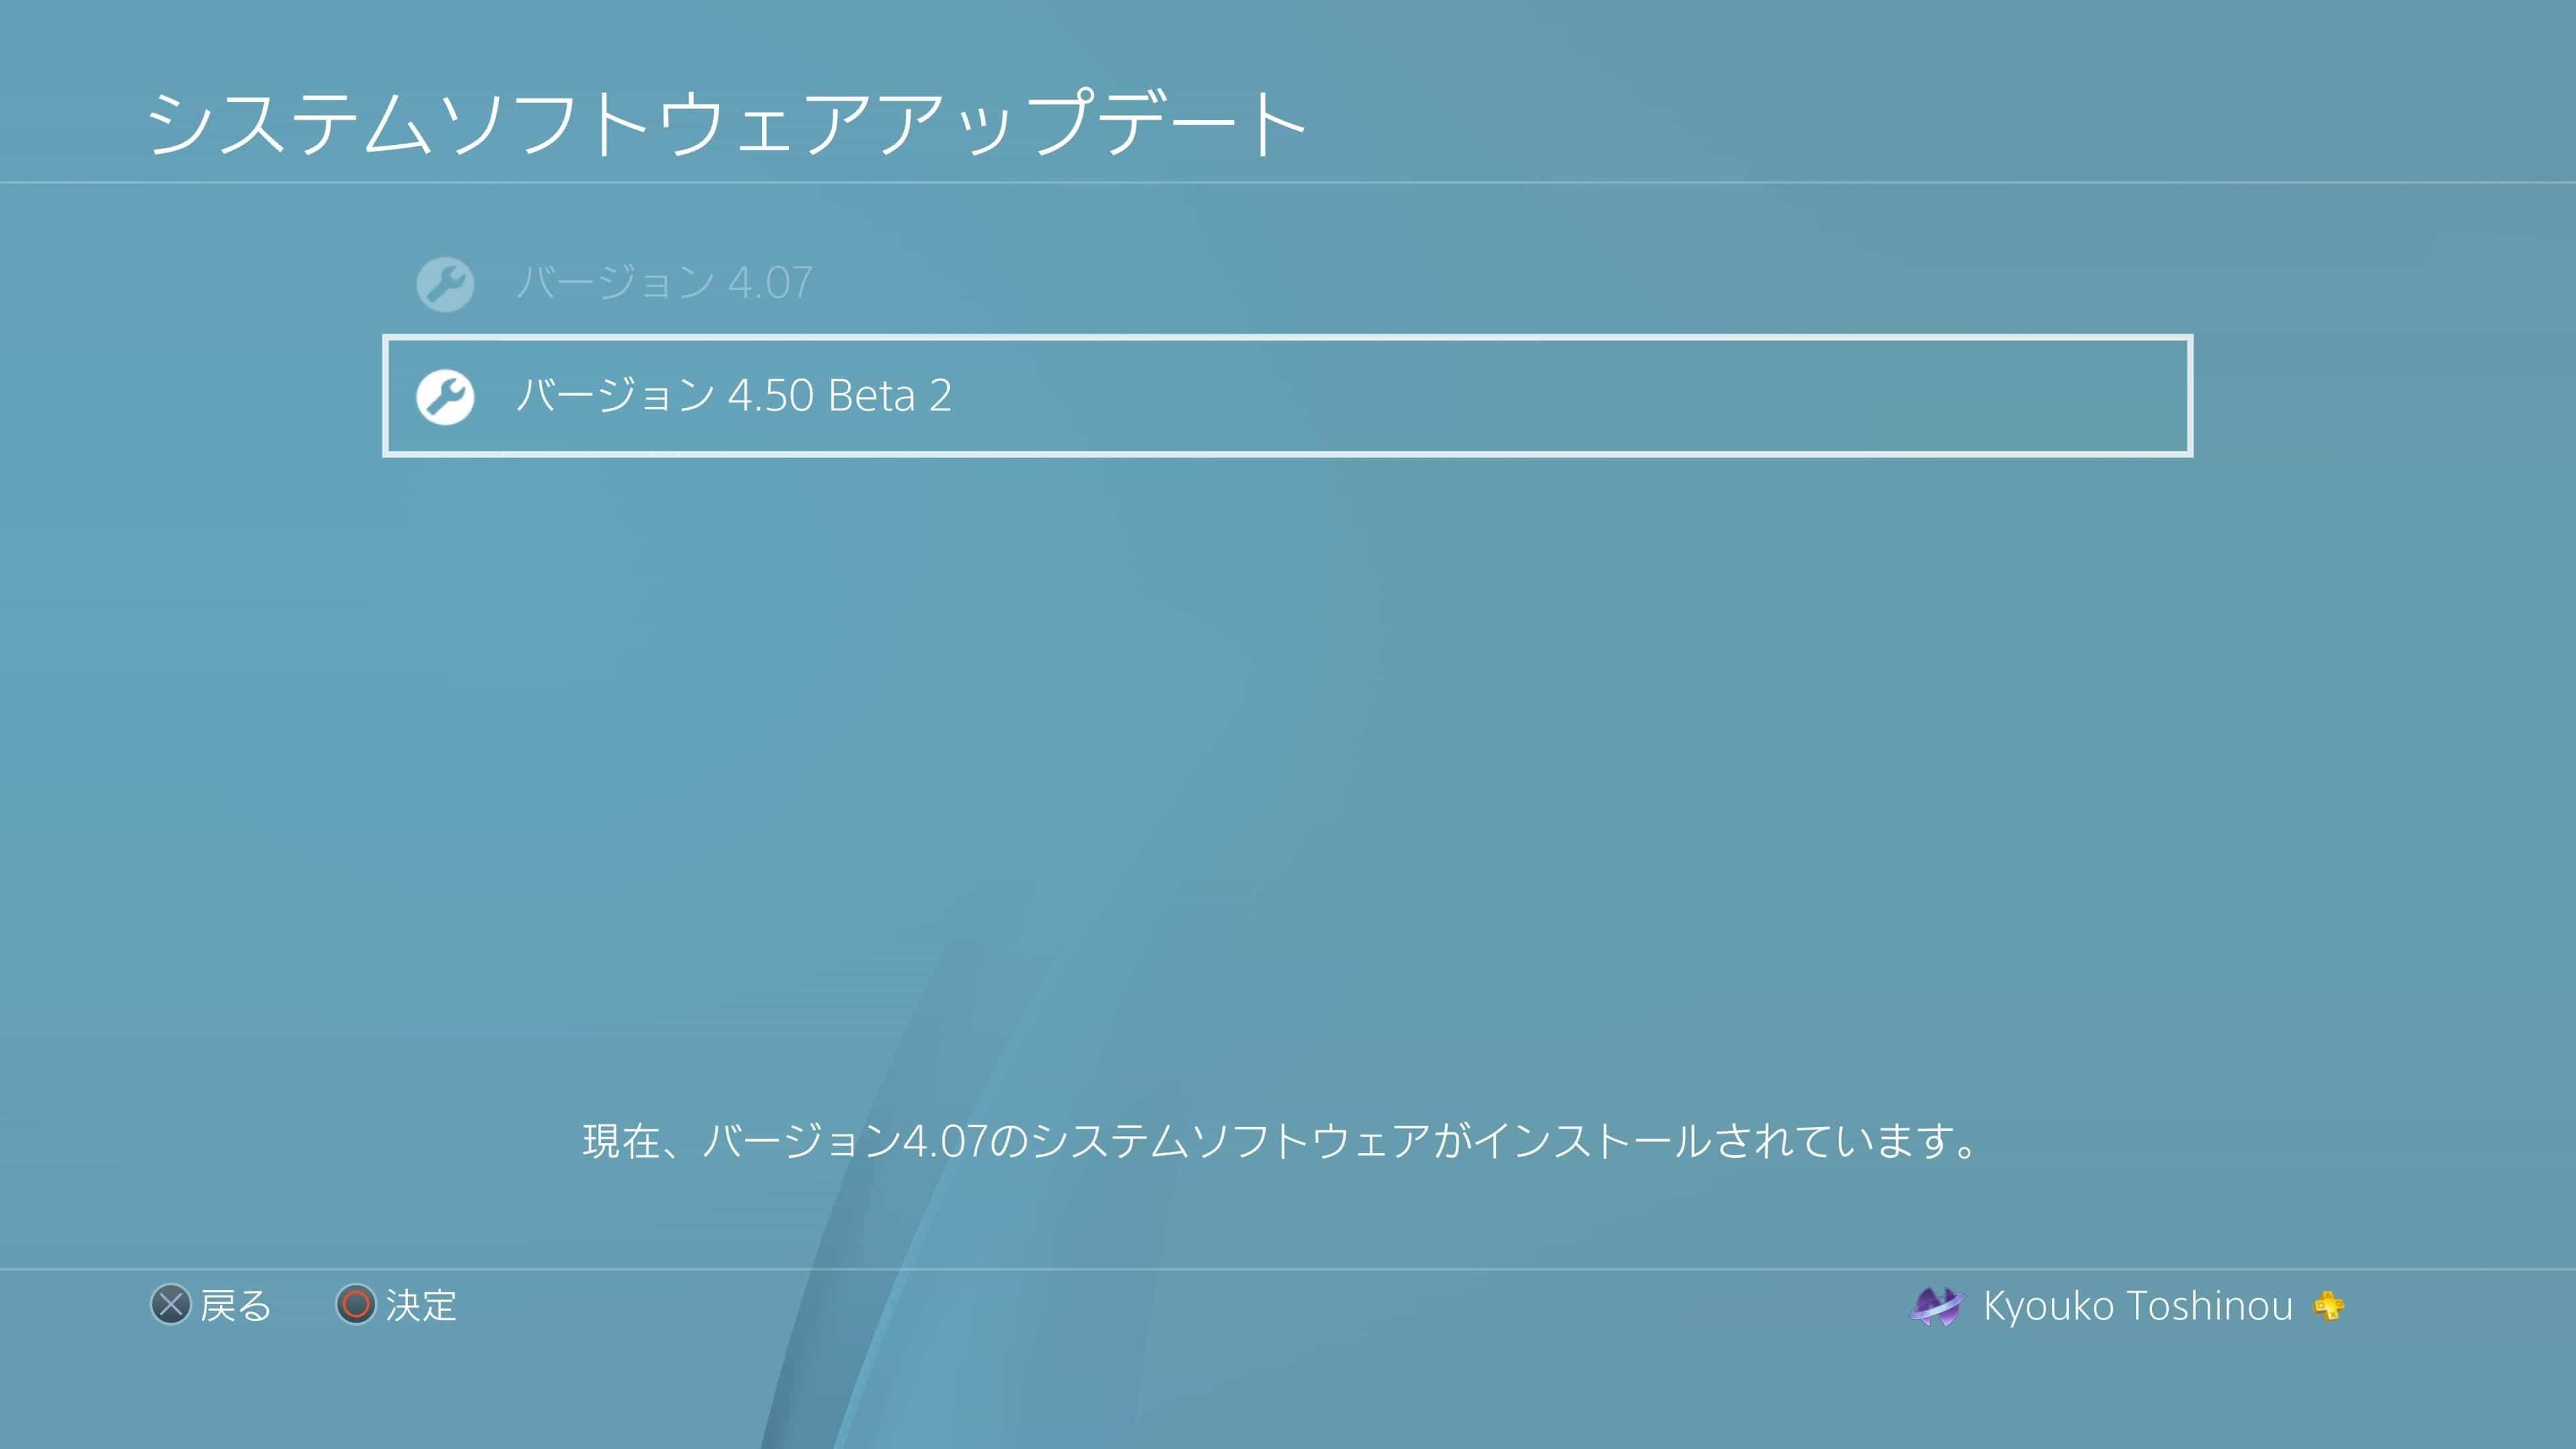 【PS4】バージョン4.50ベータ版体験レビュー 一番の目玉は「ブーストモード」